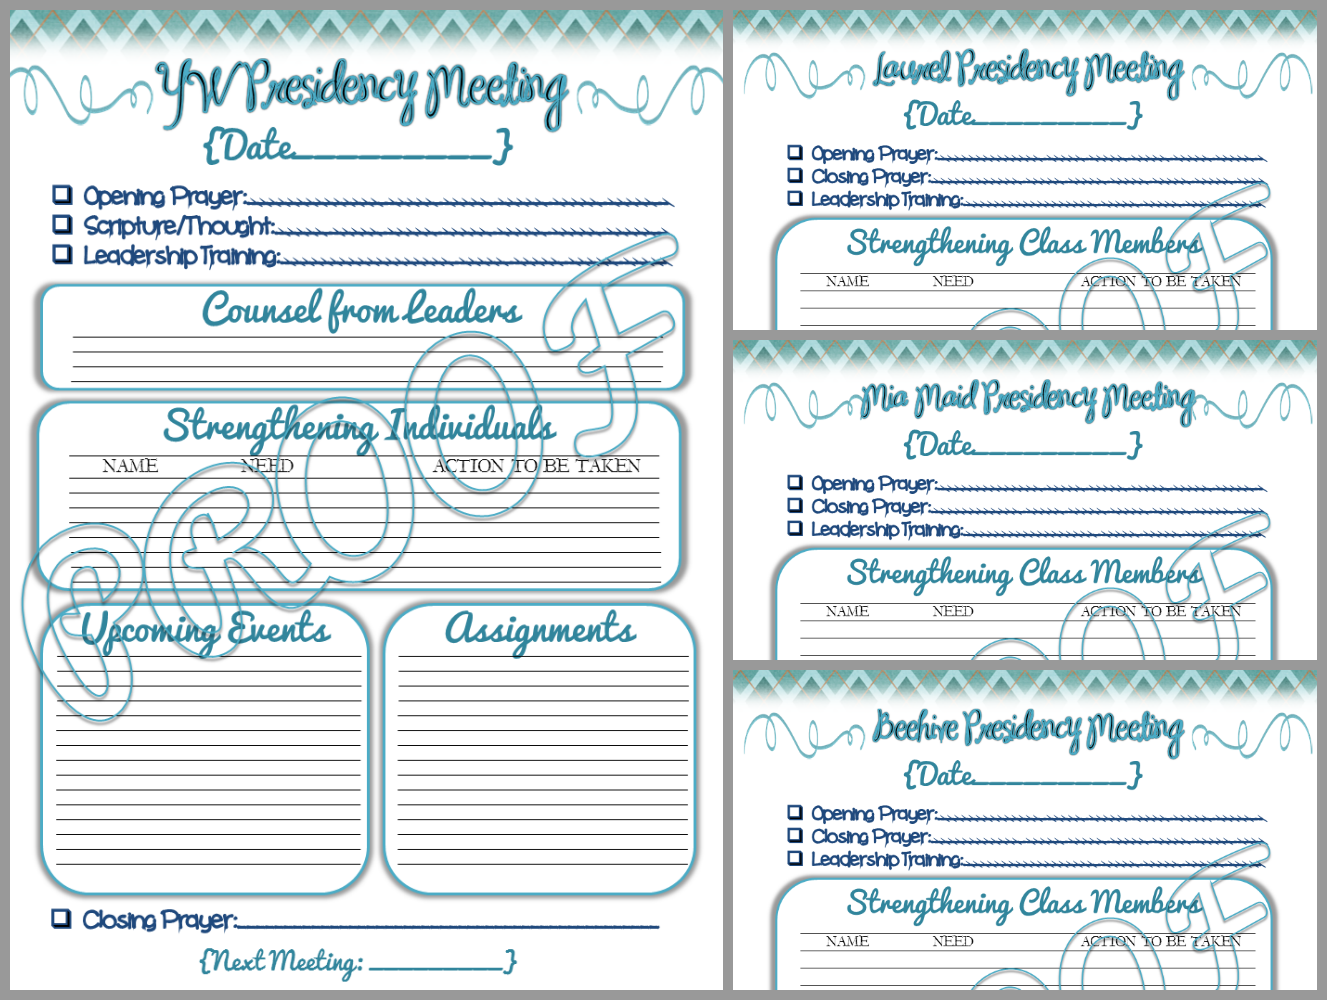 Digital Scrapbooking Made Easy: - 2014 YW Presidency Planner